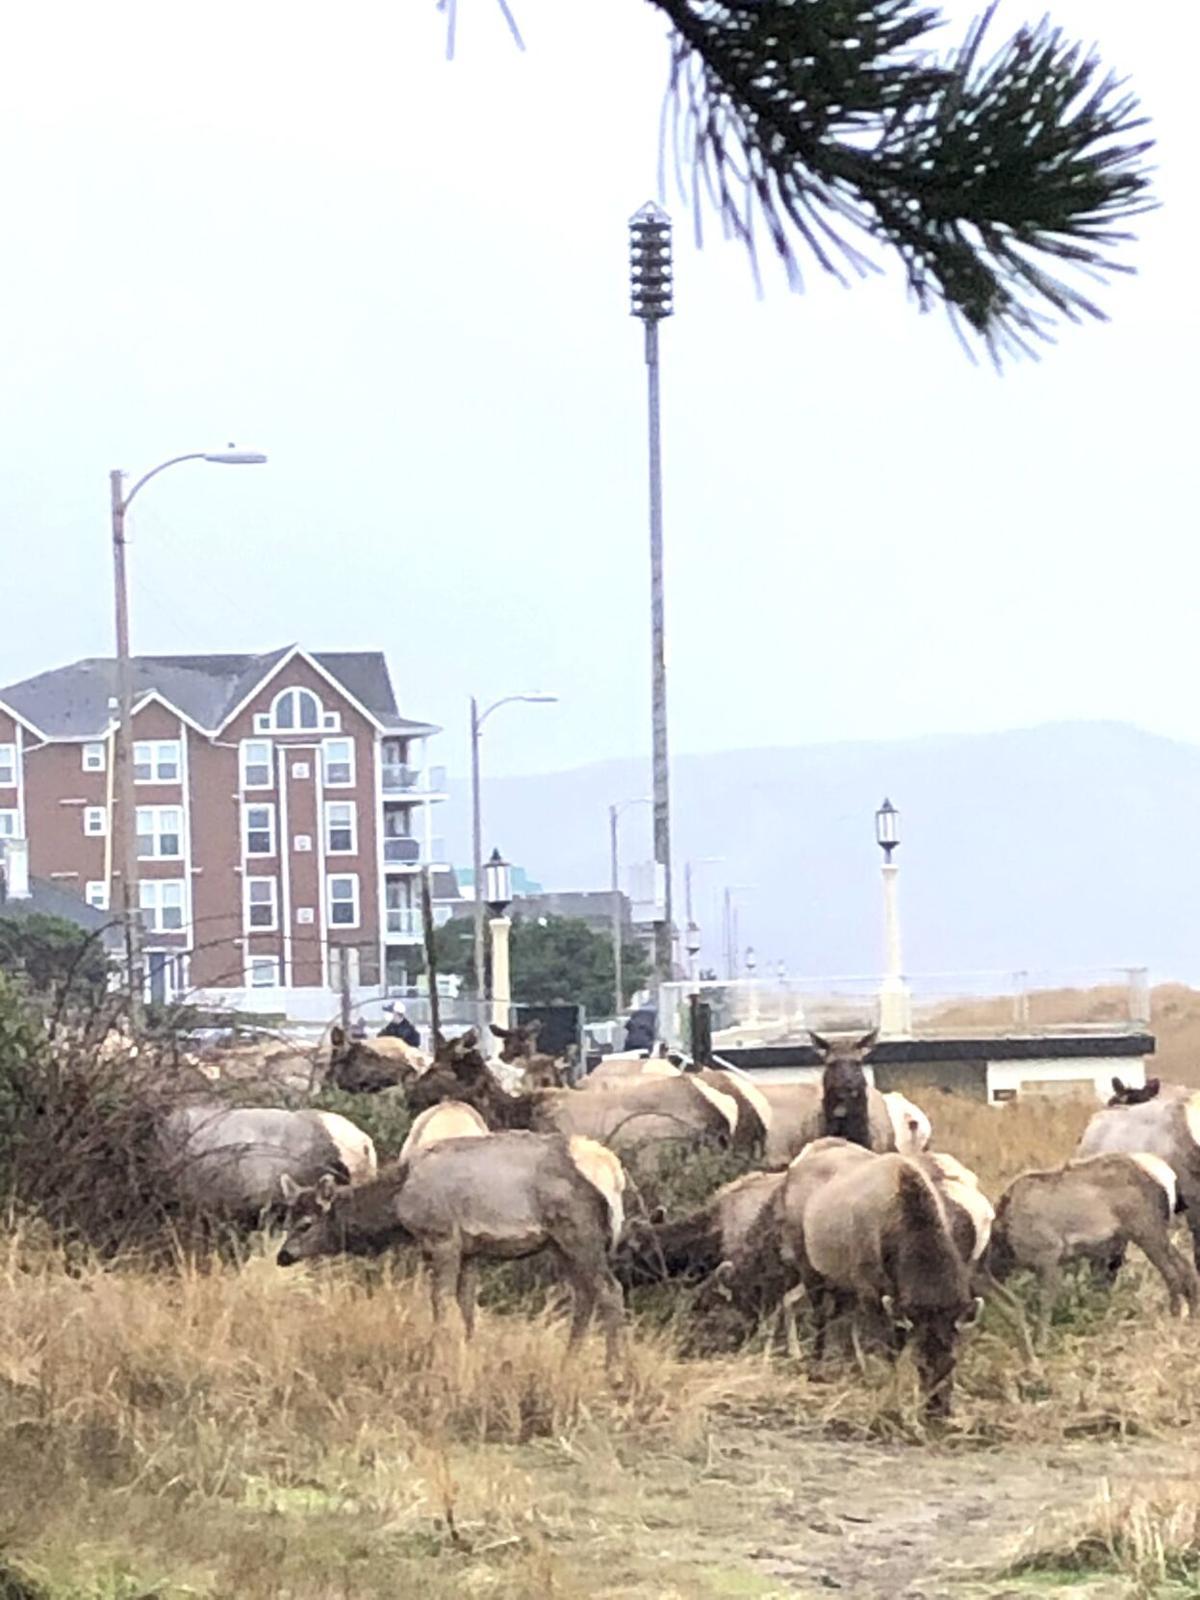 Elk visit